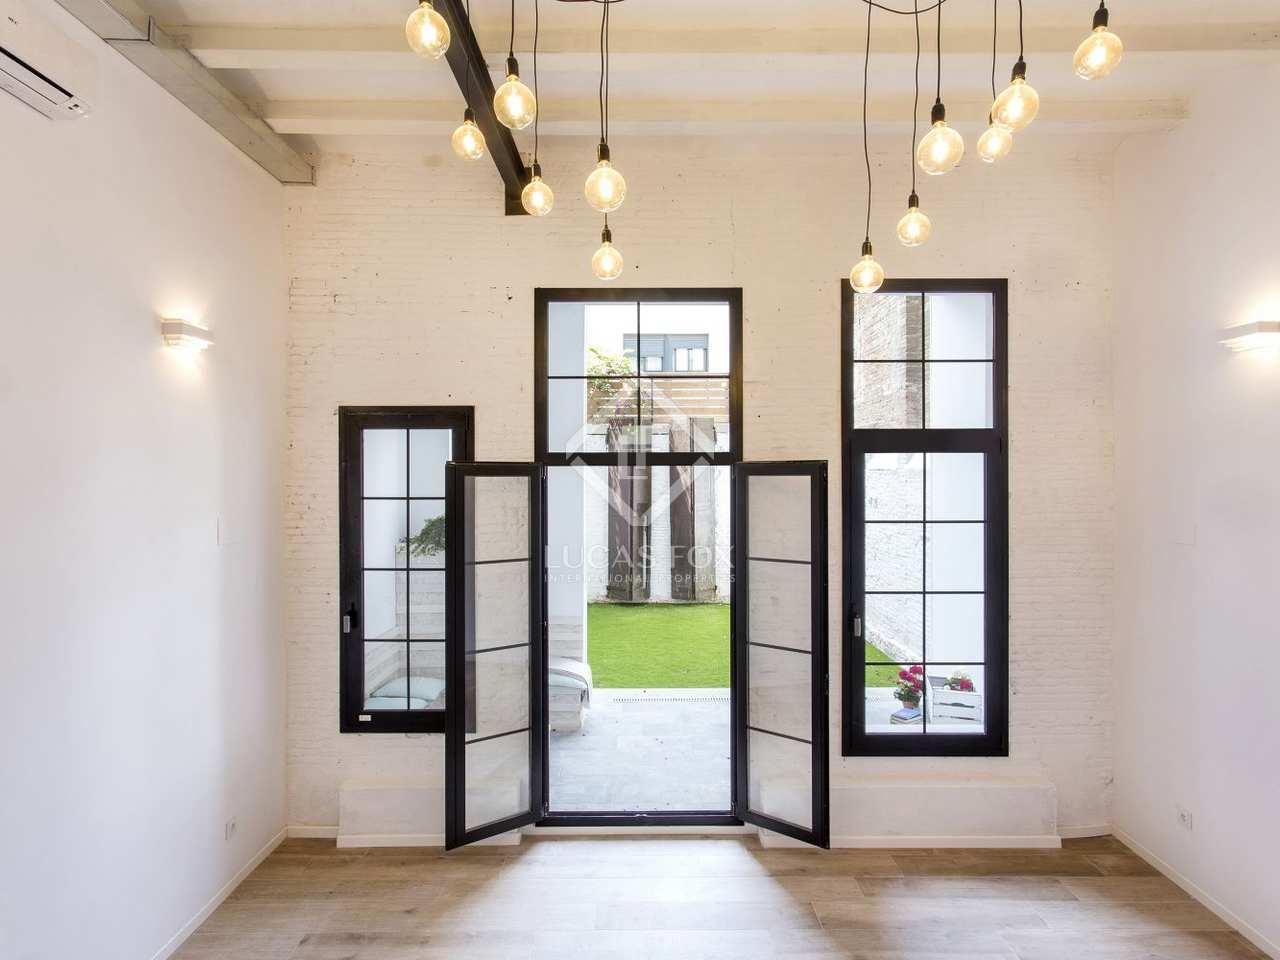 Appartement de 95m a vendre poblenou avec 38m de jardin - Acheter appartement a barcelone ...